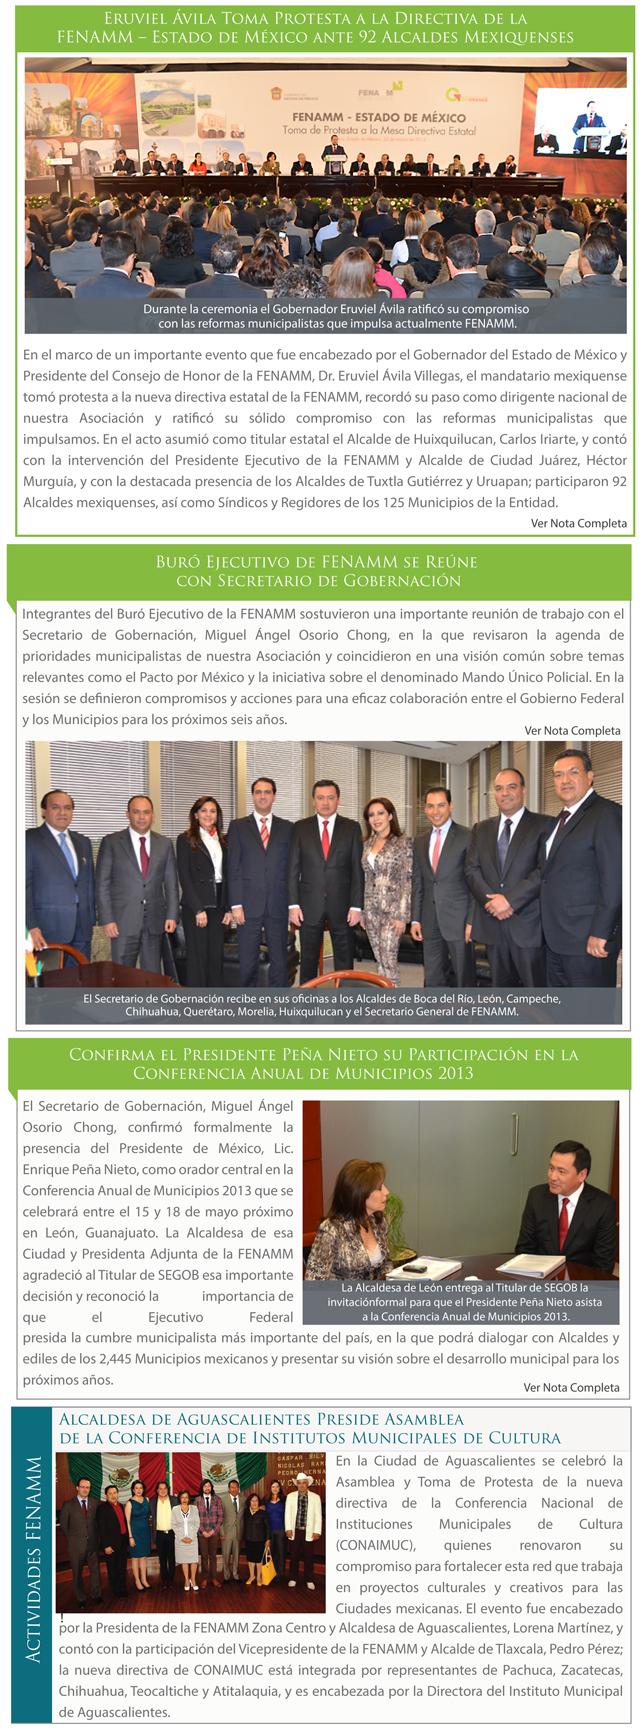 Listado De Presidentes Municipales Del Estado De Mexico 2013